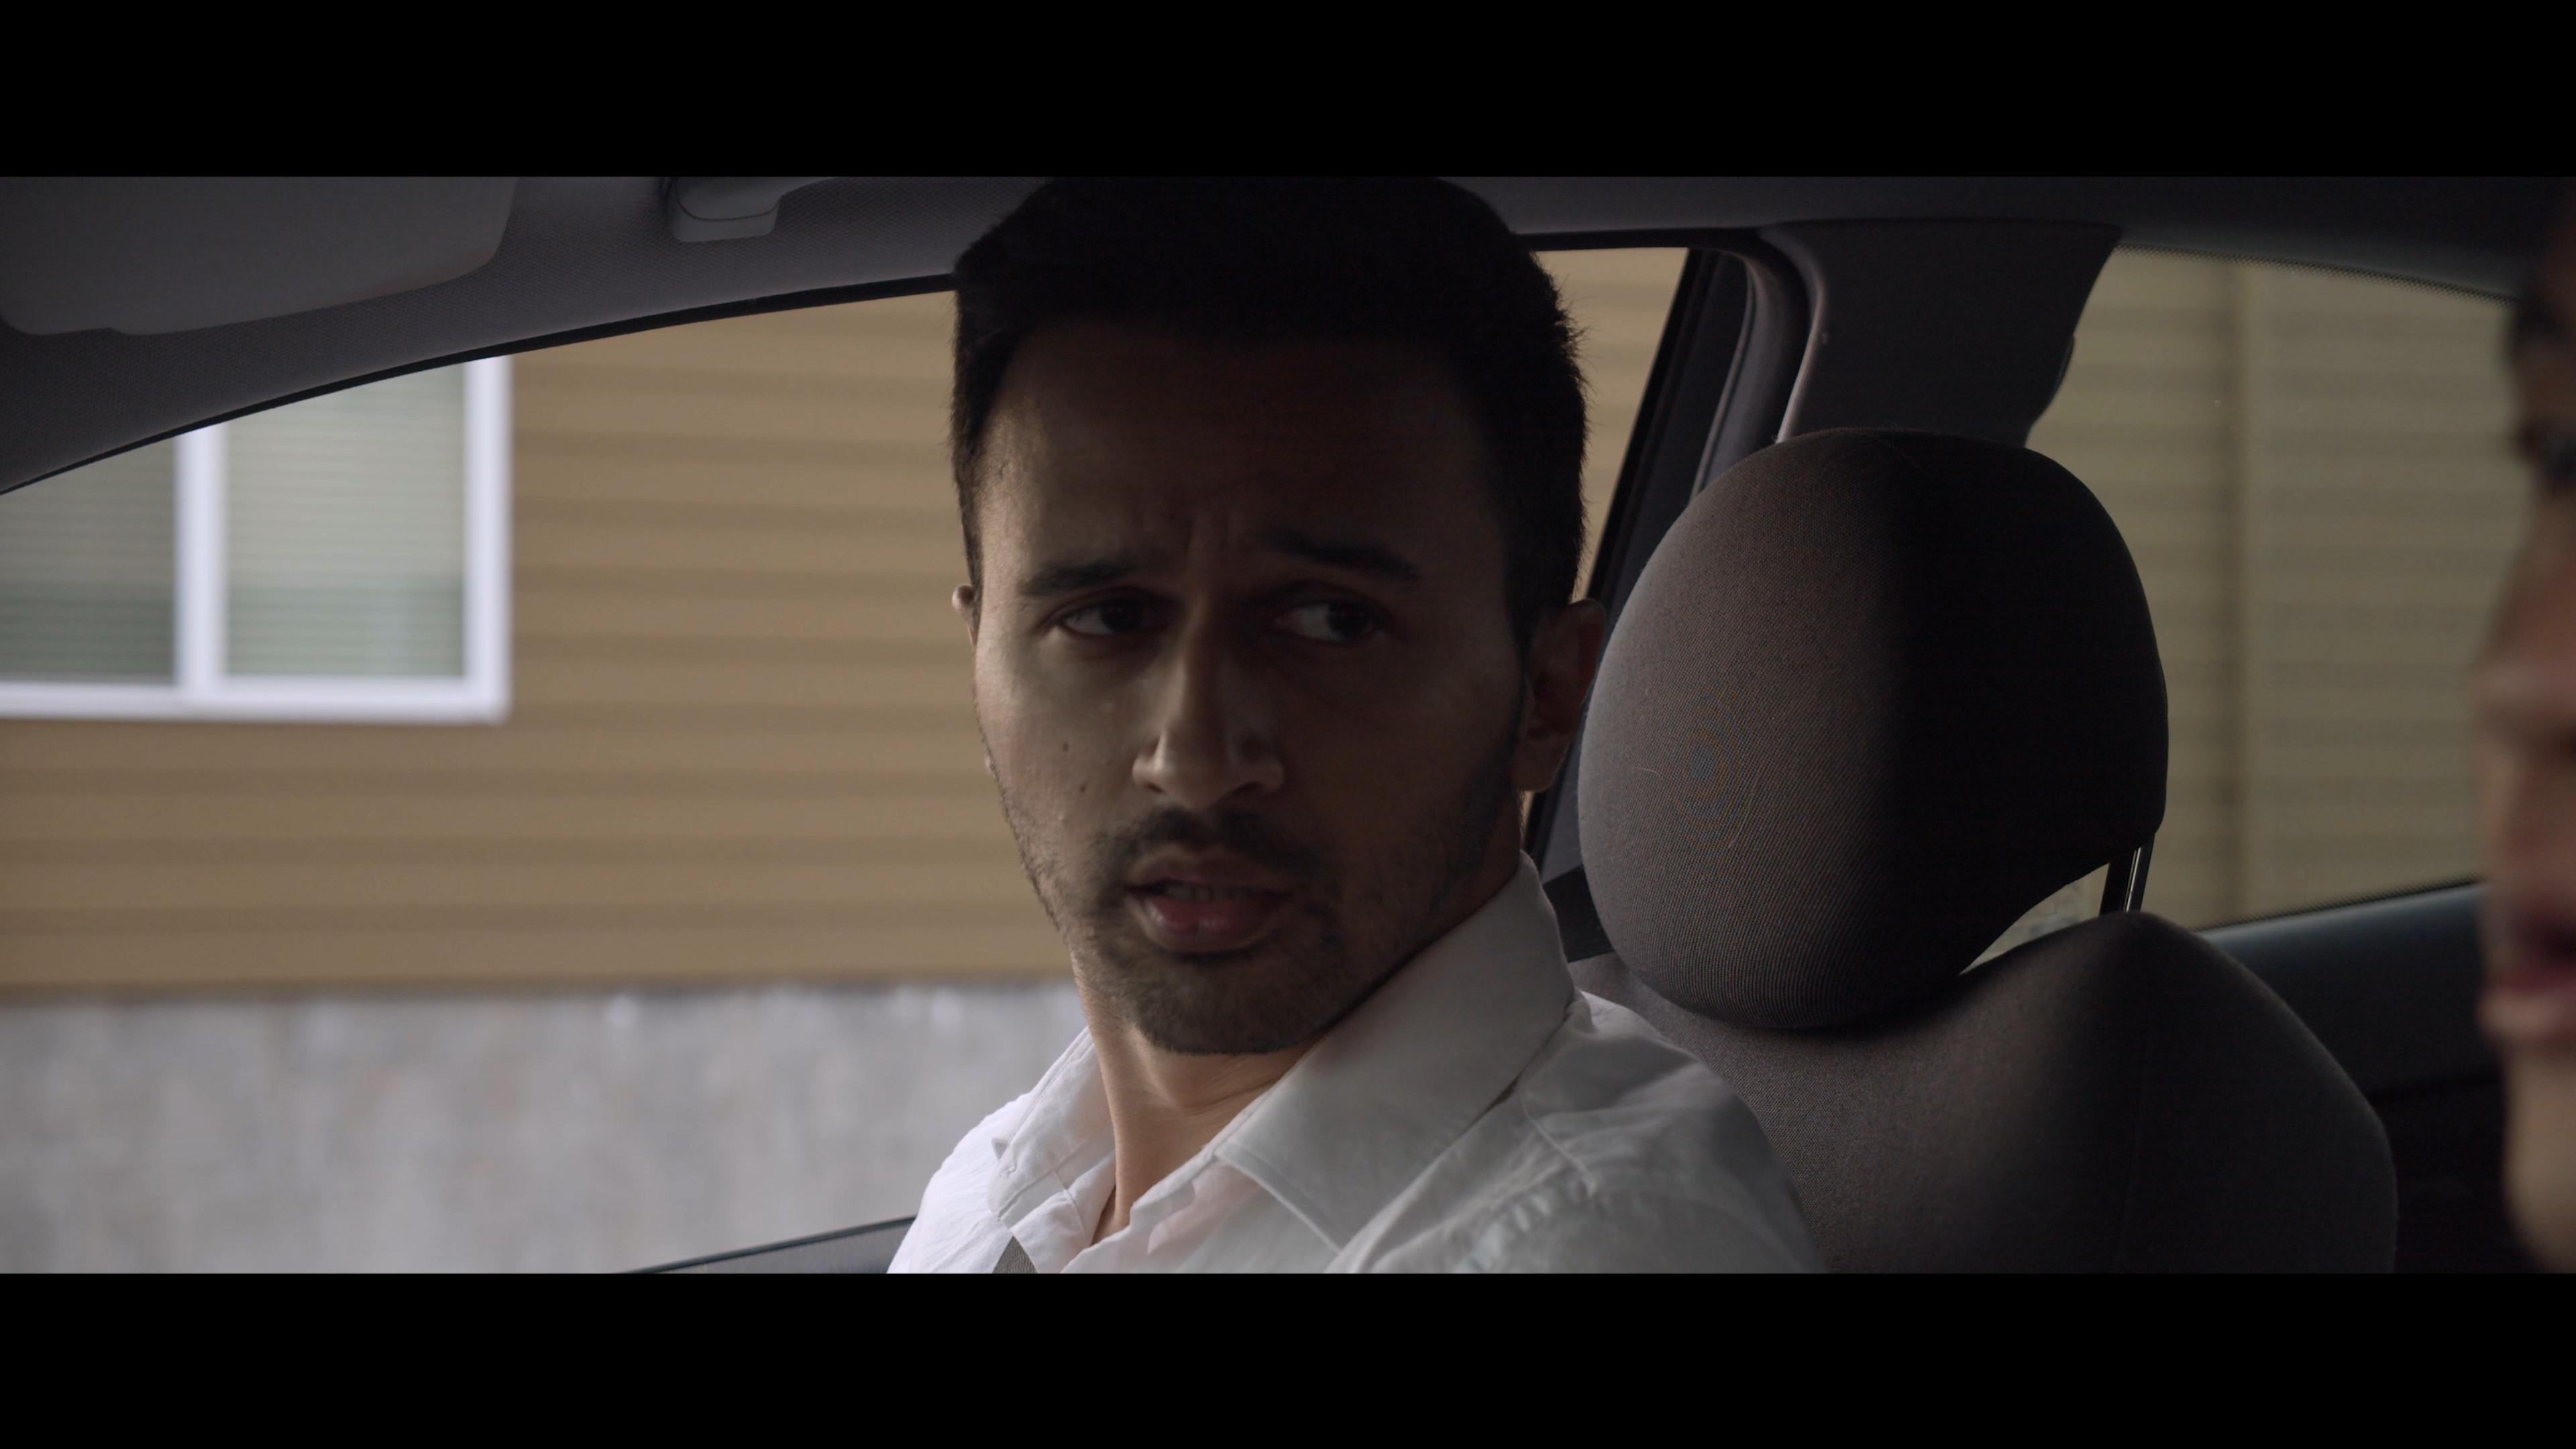 Actor's Reel - Standard Individual Scene